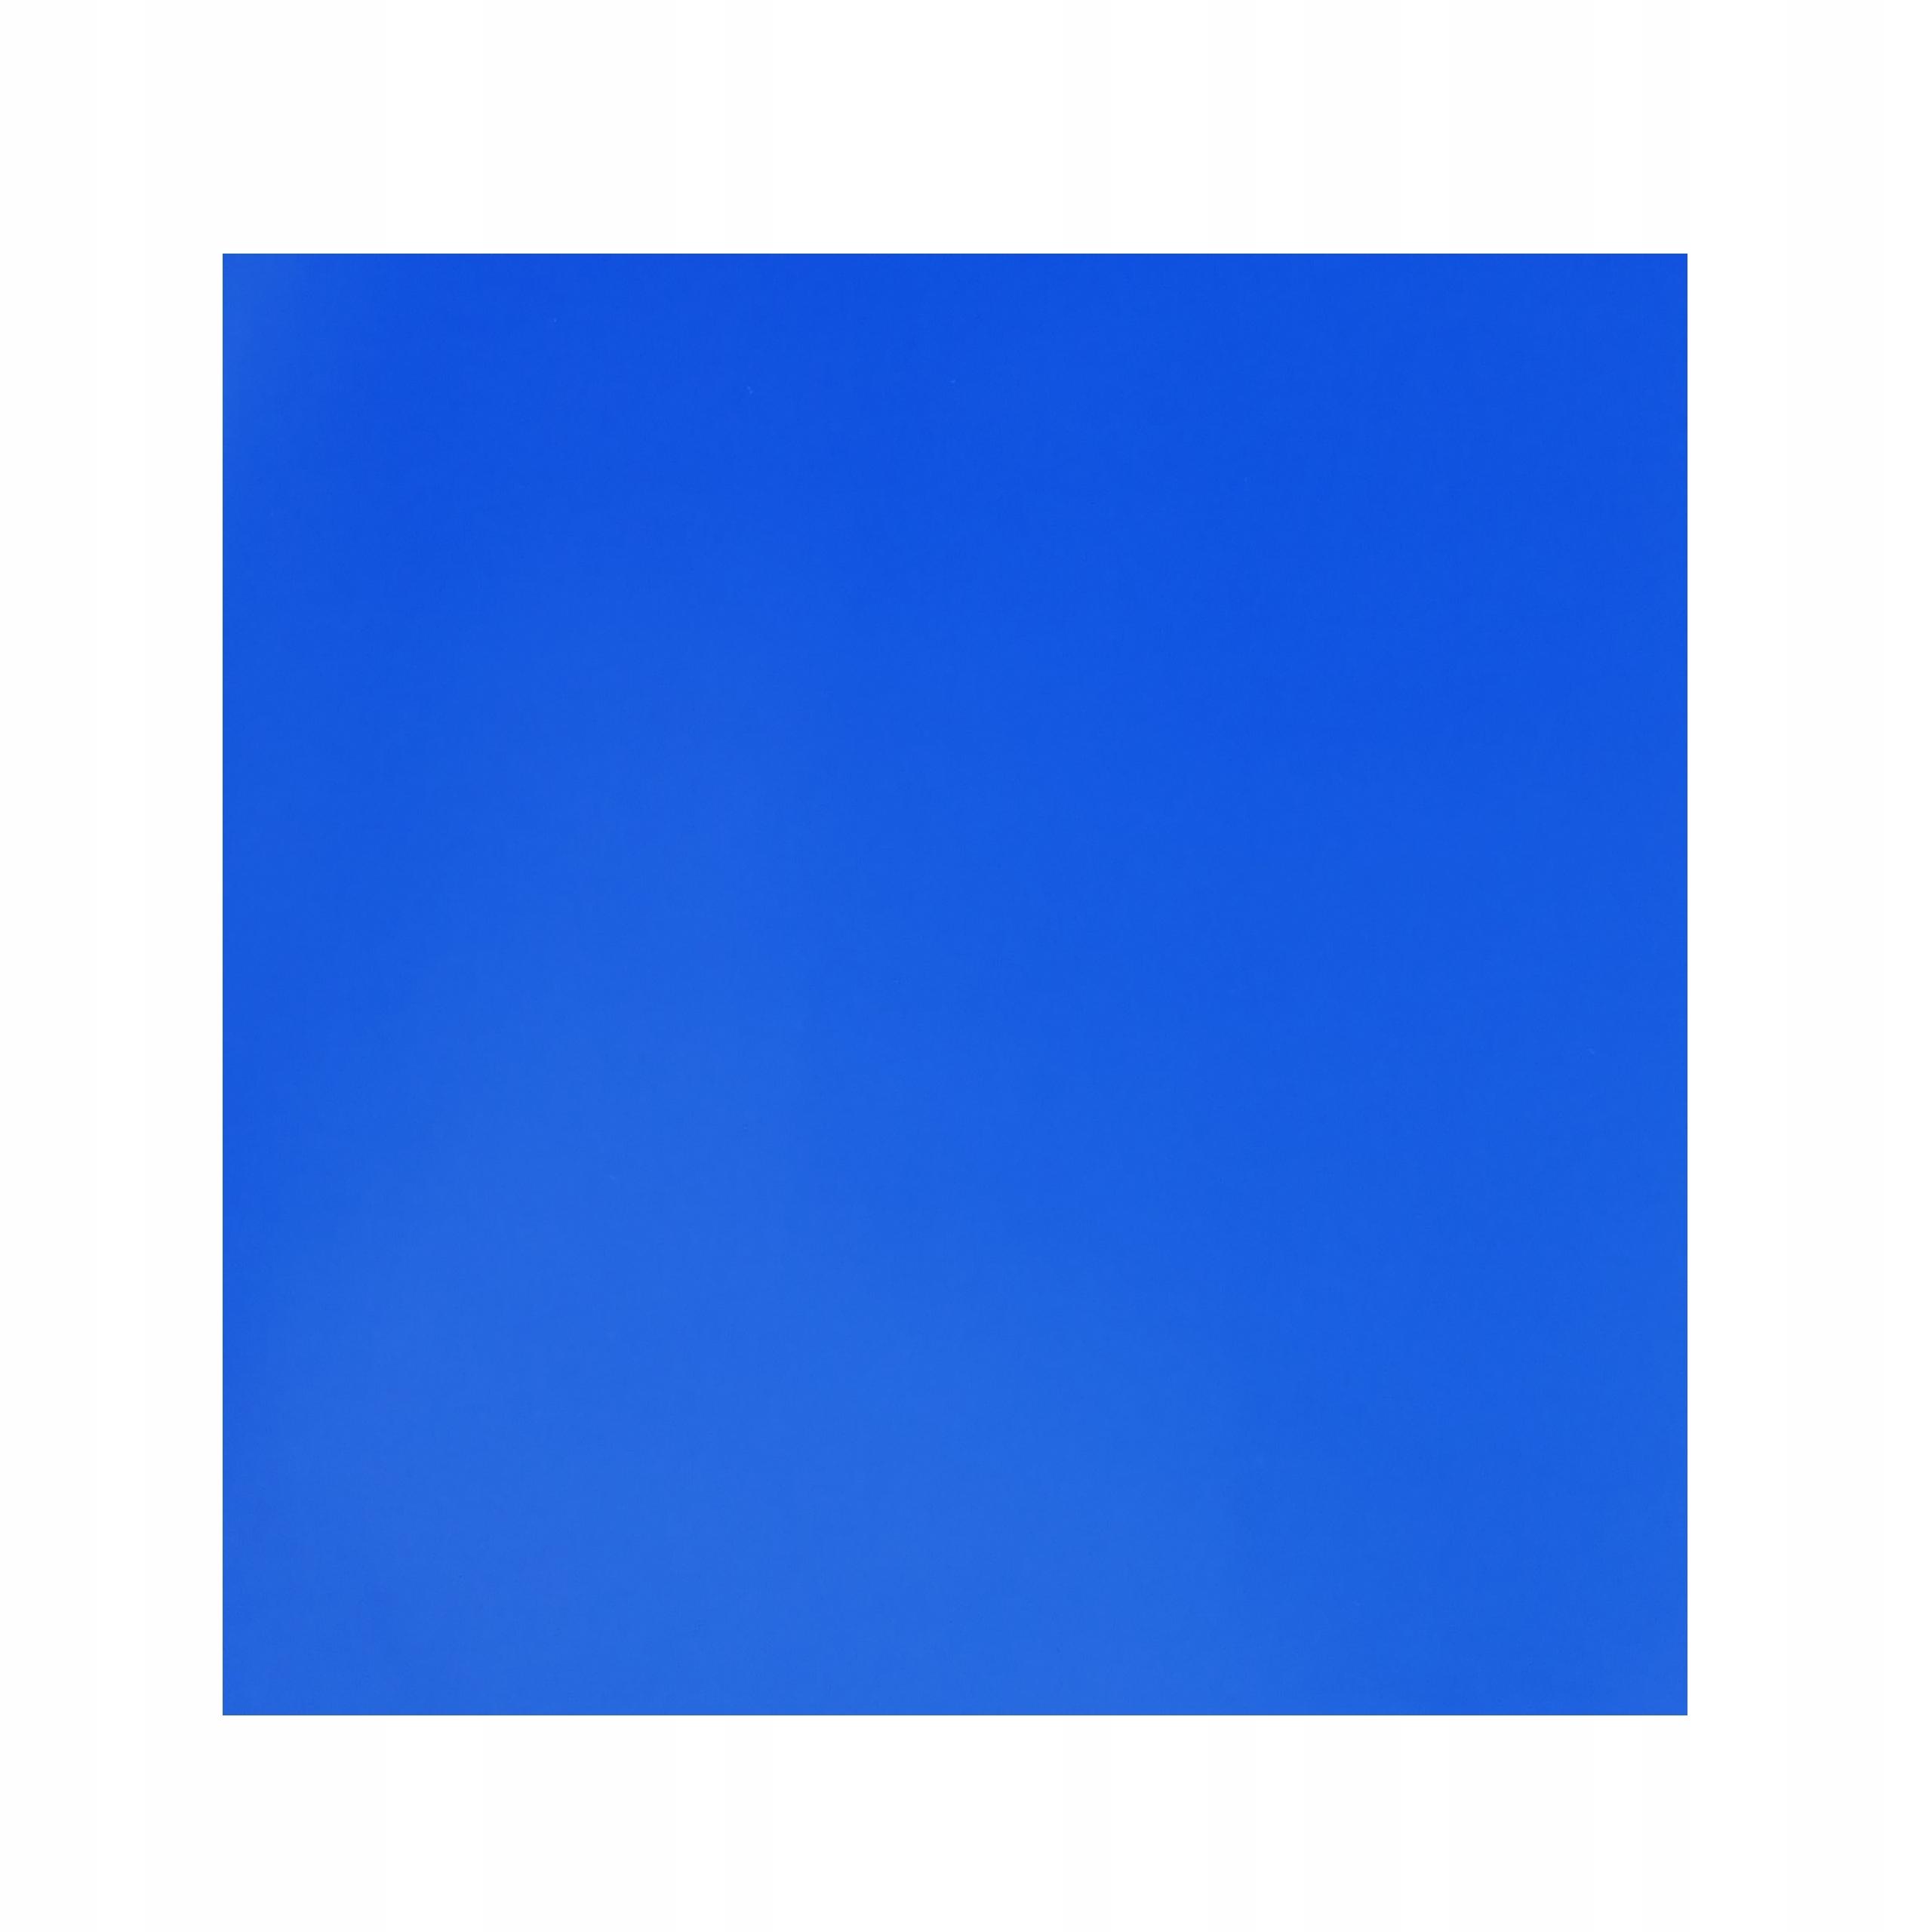 Filter pre svetlomety BLUE 132 Stredne modré páry